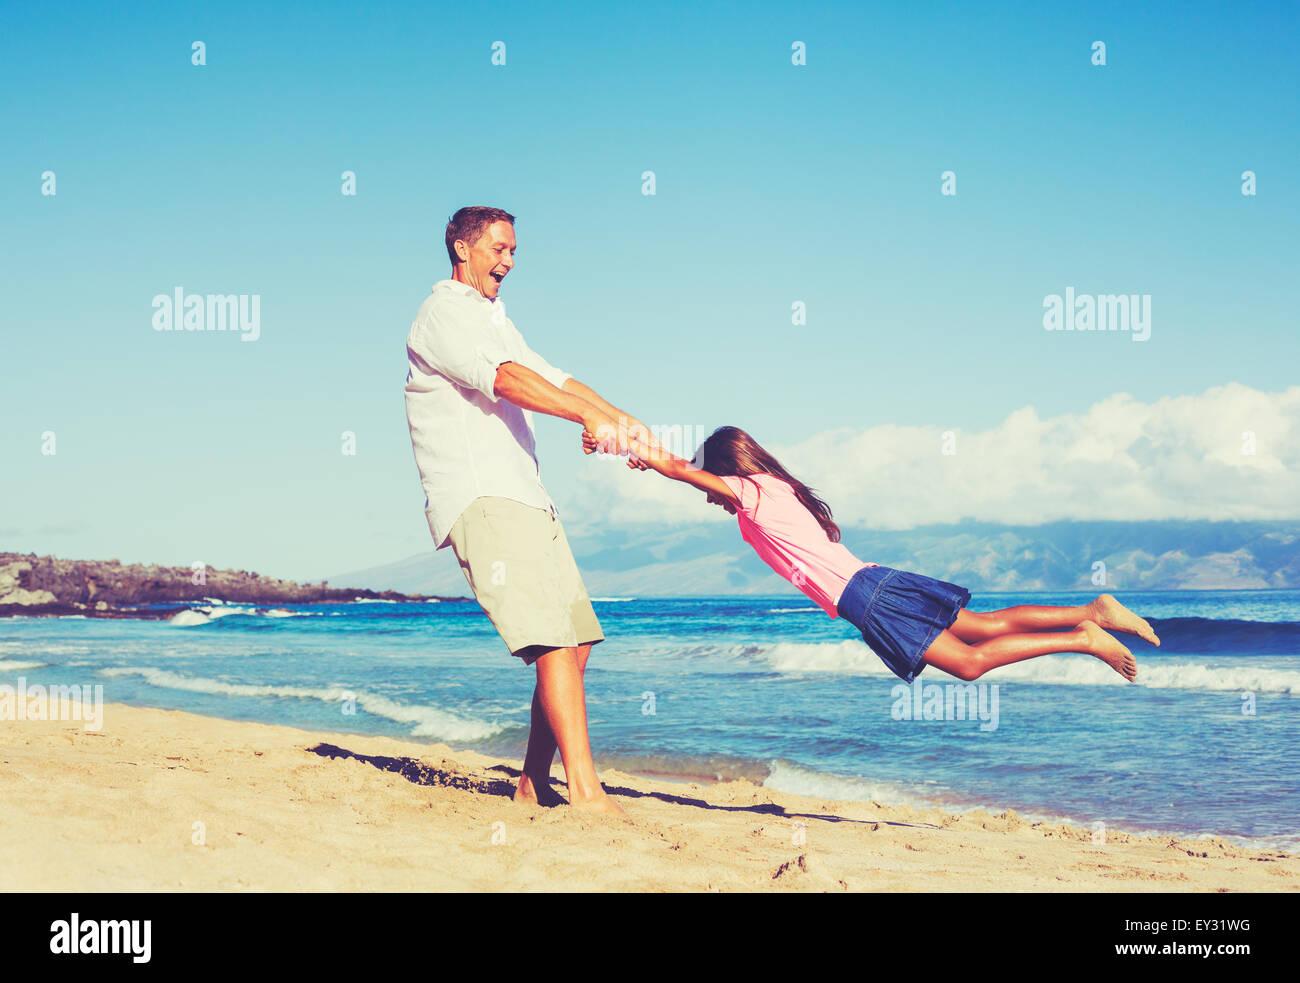 Padre e hija feliz jugando juntos en la playa. Divertidas vacaciones verano de estilo de vida. Imagen De Stock